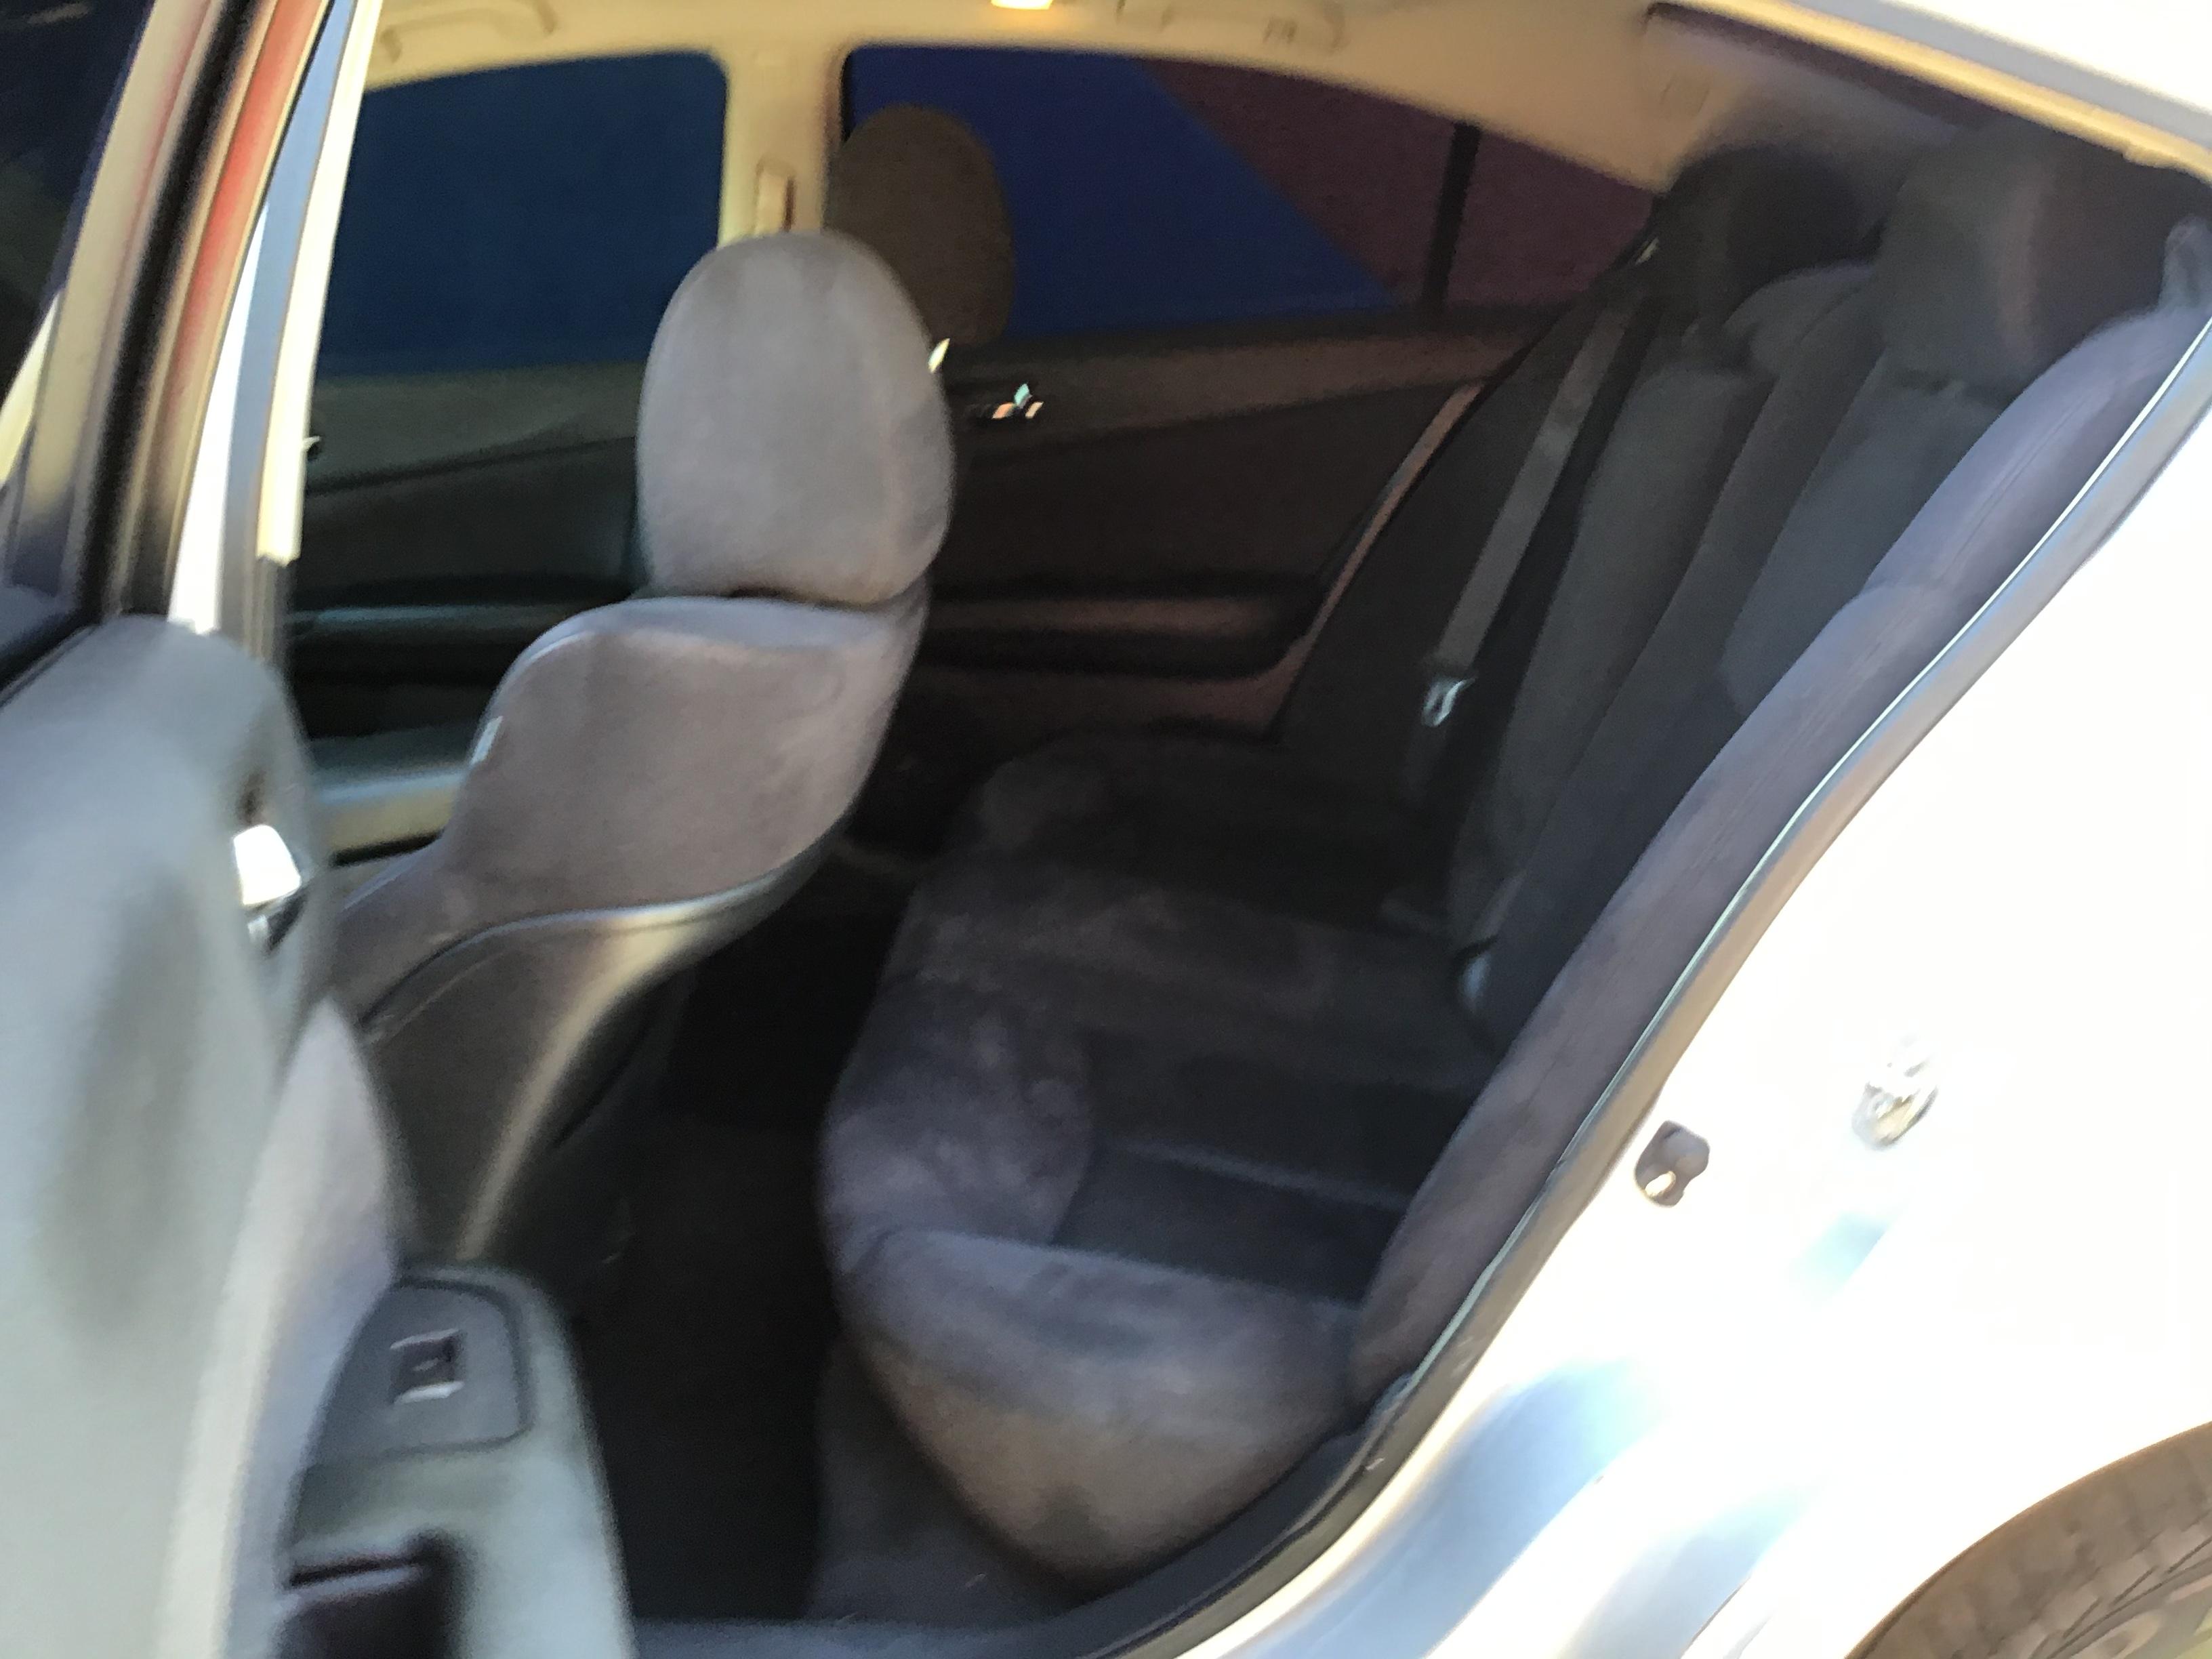 used vehicle - Sedan NISSAN MAXIMA 2014